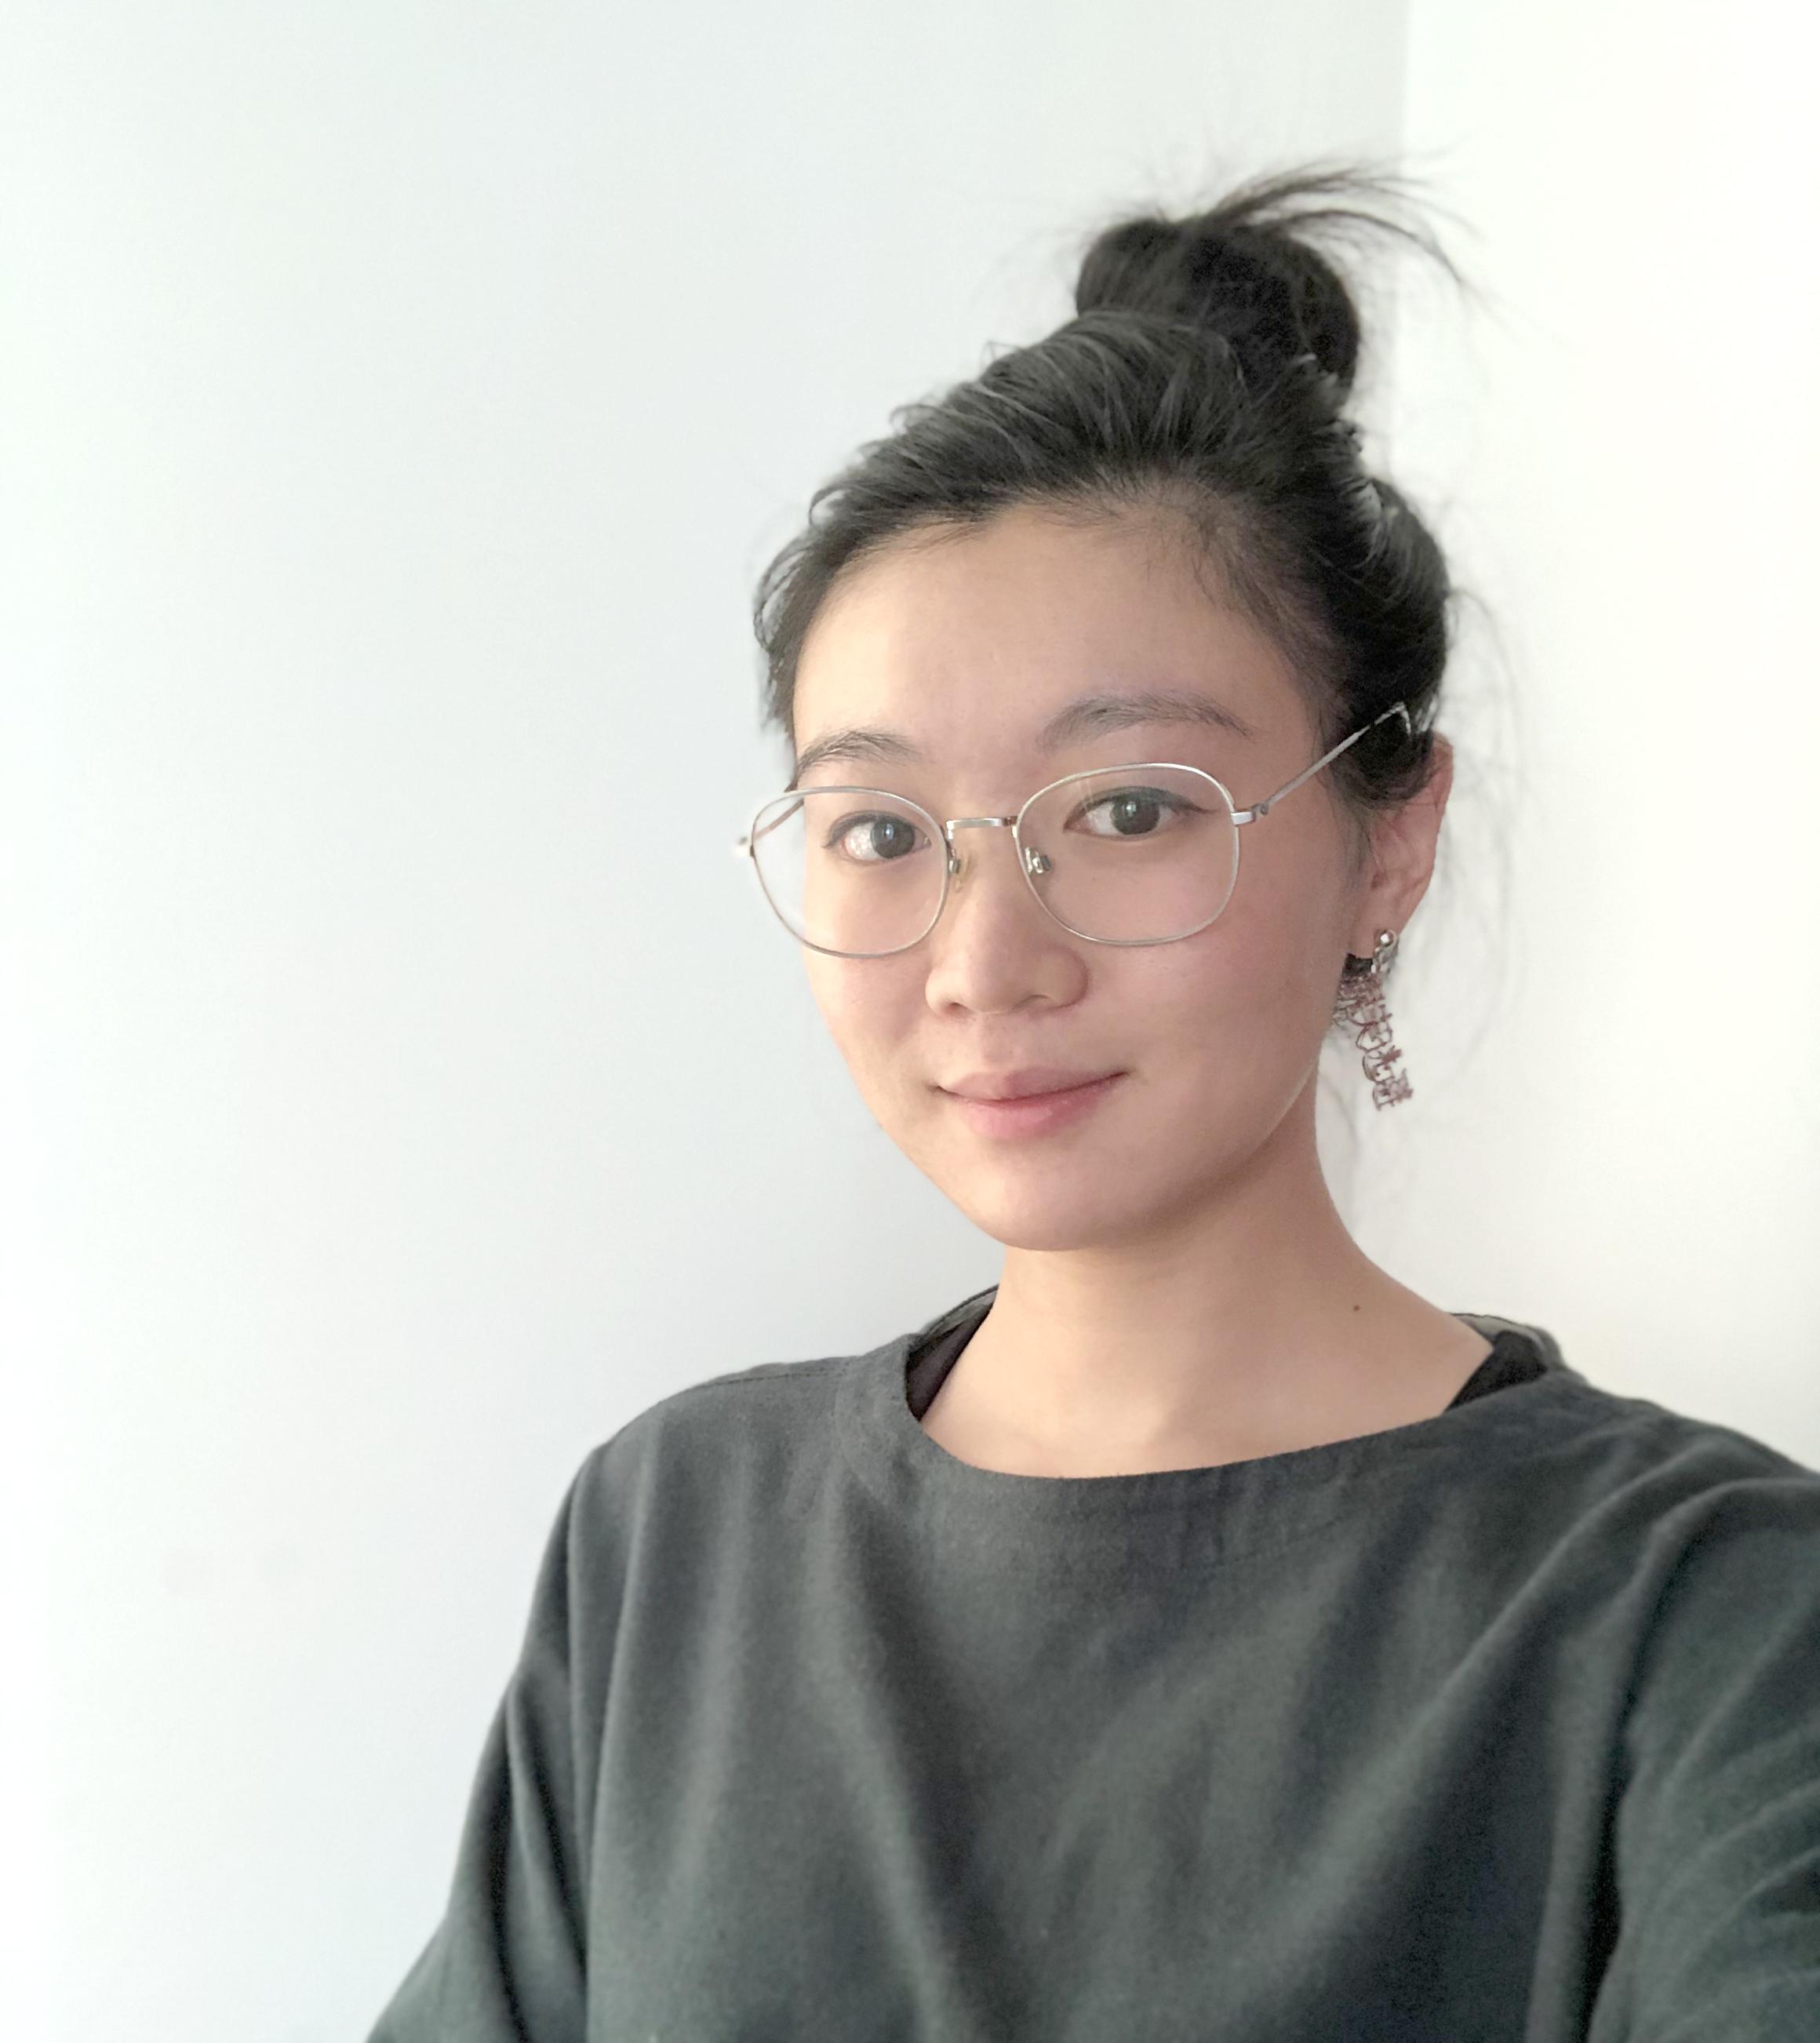 Jenn Chen portrait photo